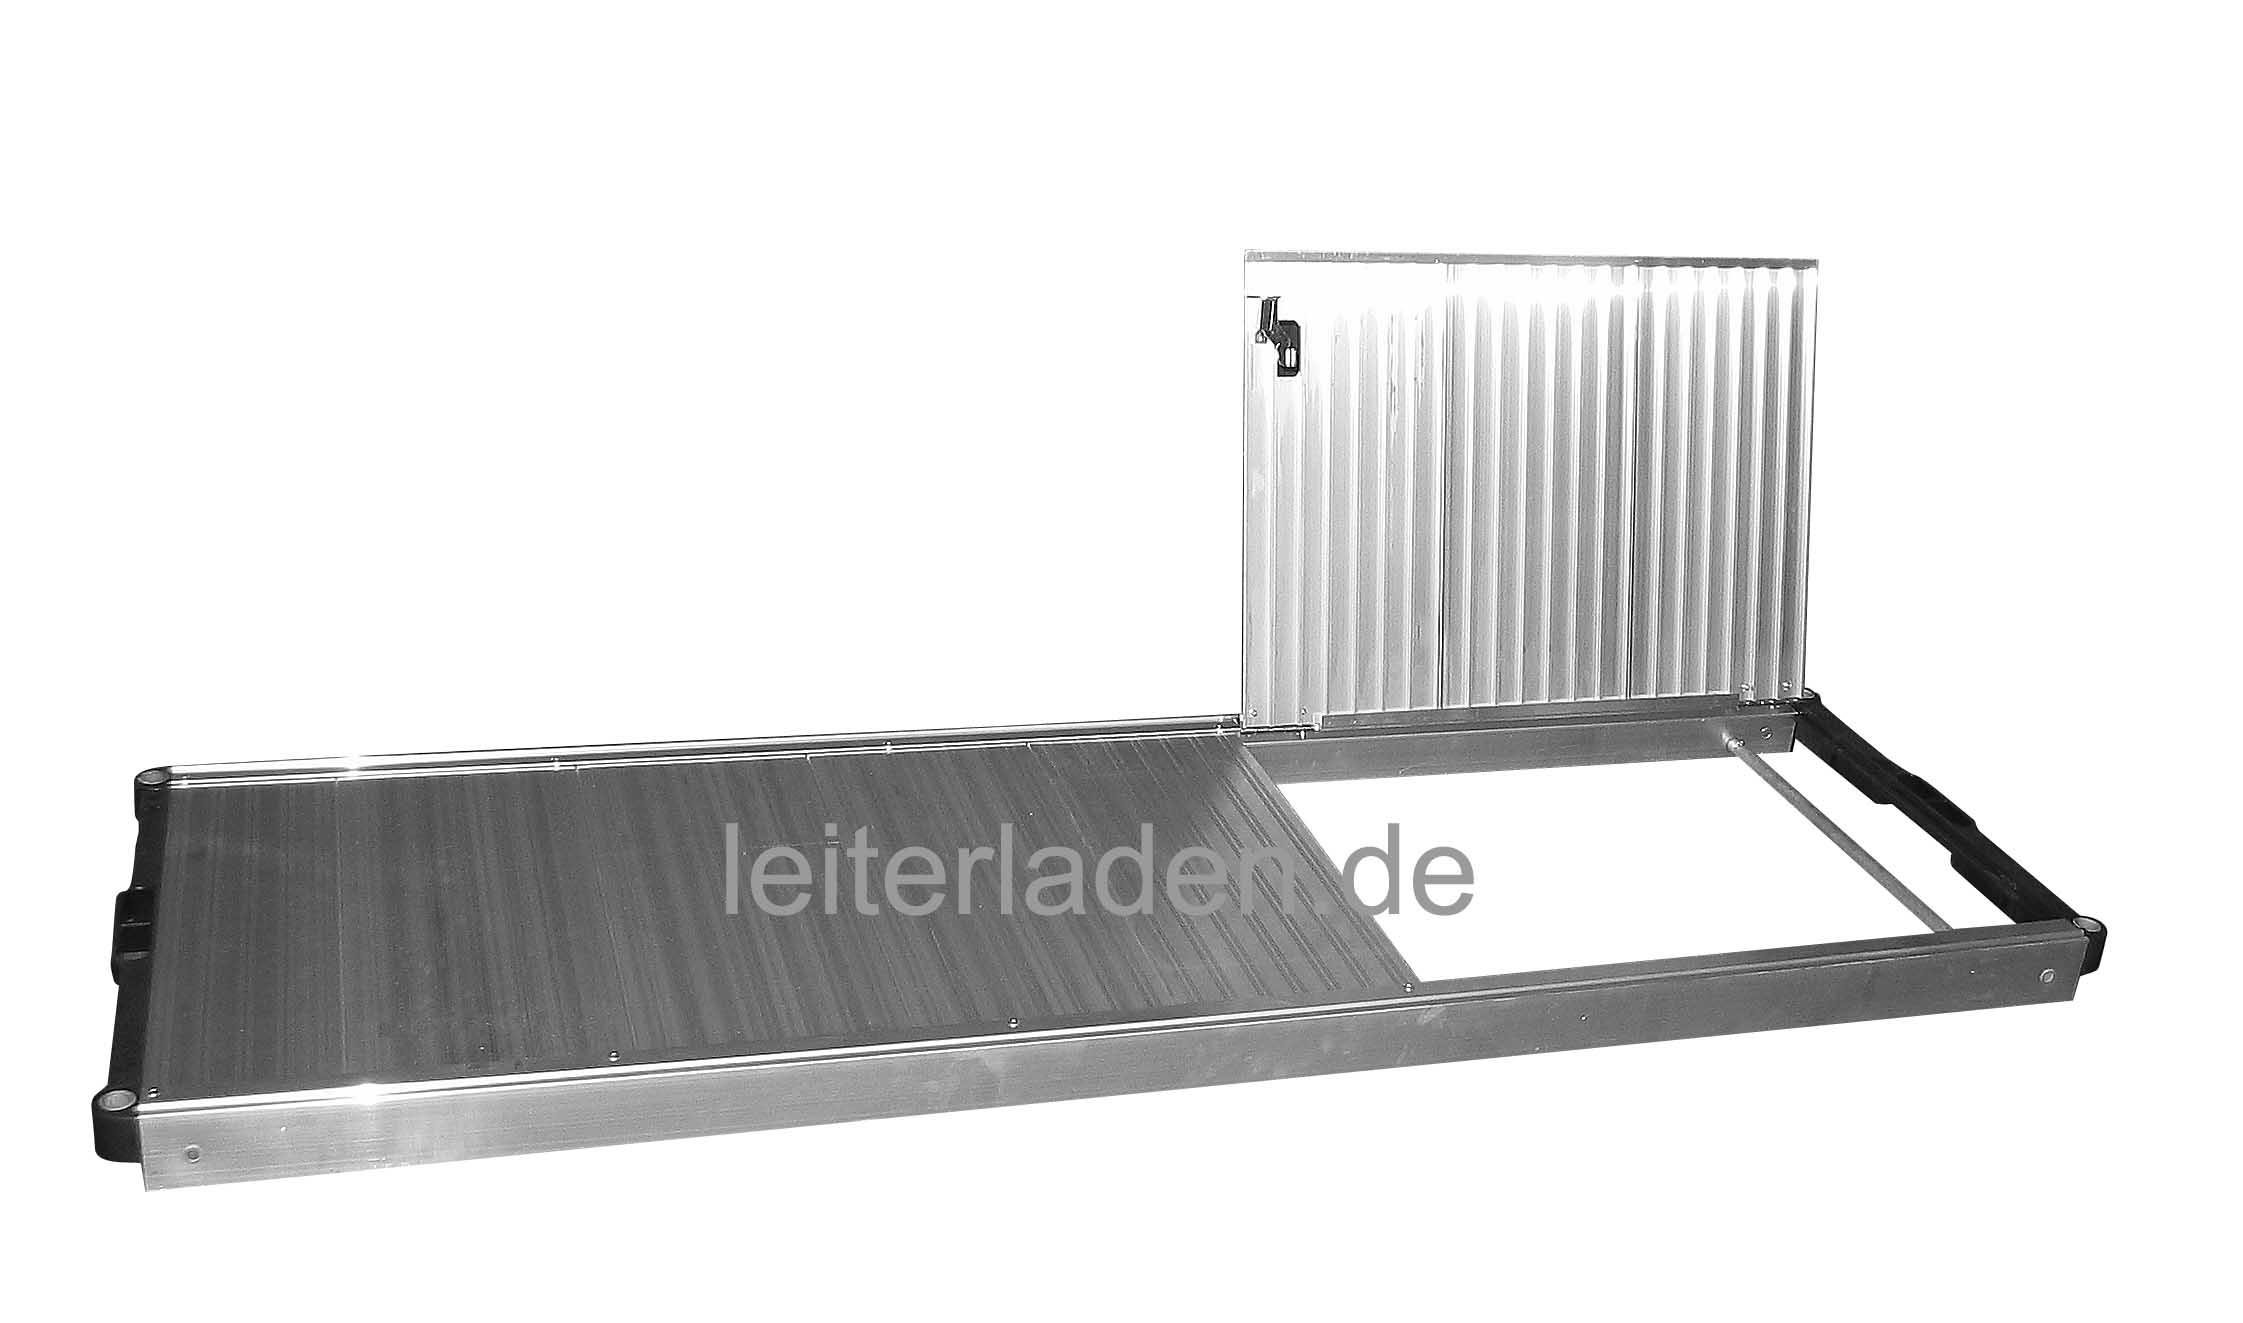 plettac alu durchstieg sl auflage ohne leiter. Black Bedroom Furniture Sets. Home Design Ideas